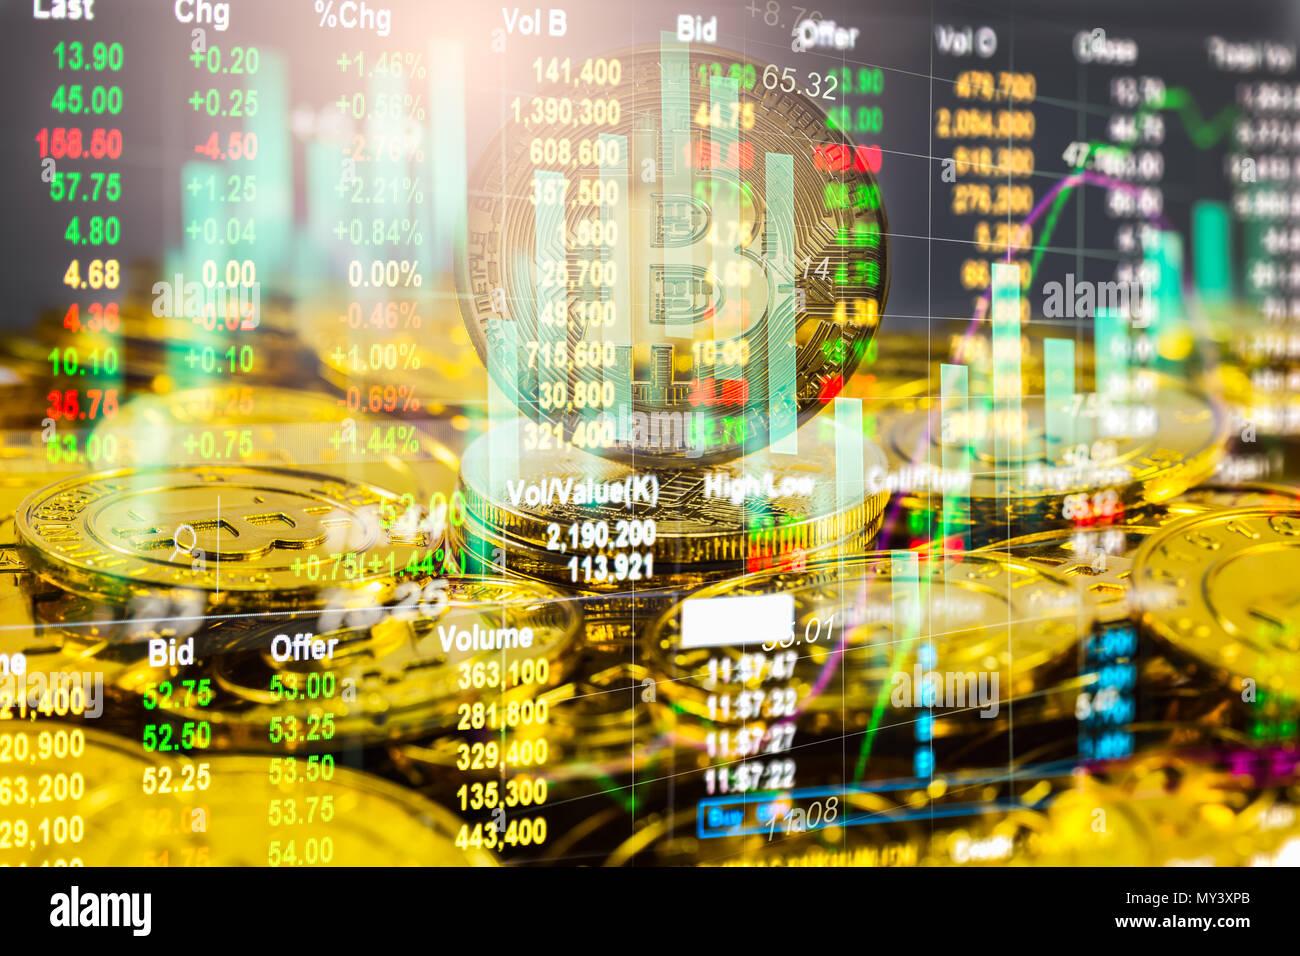 Moderno modo di exchange. Bitcoin è comodo il pagamento in economia globale del mercato. Virtual valuta digitale e investimenti finanziari del concetto di commercio. Abstr Immagini Stock